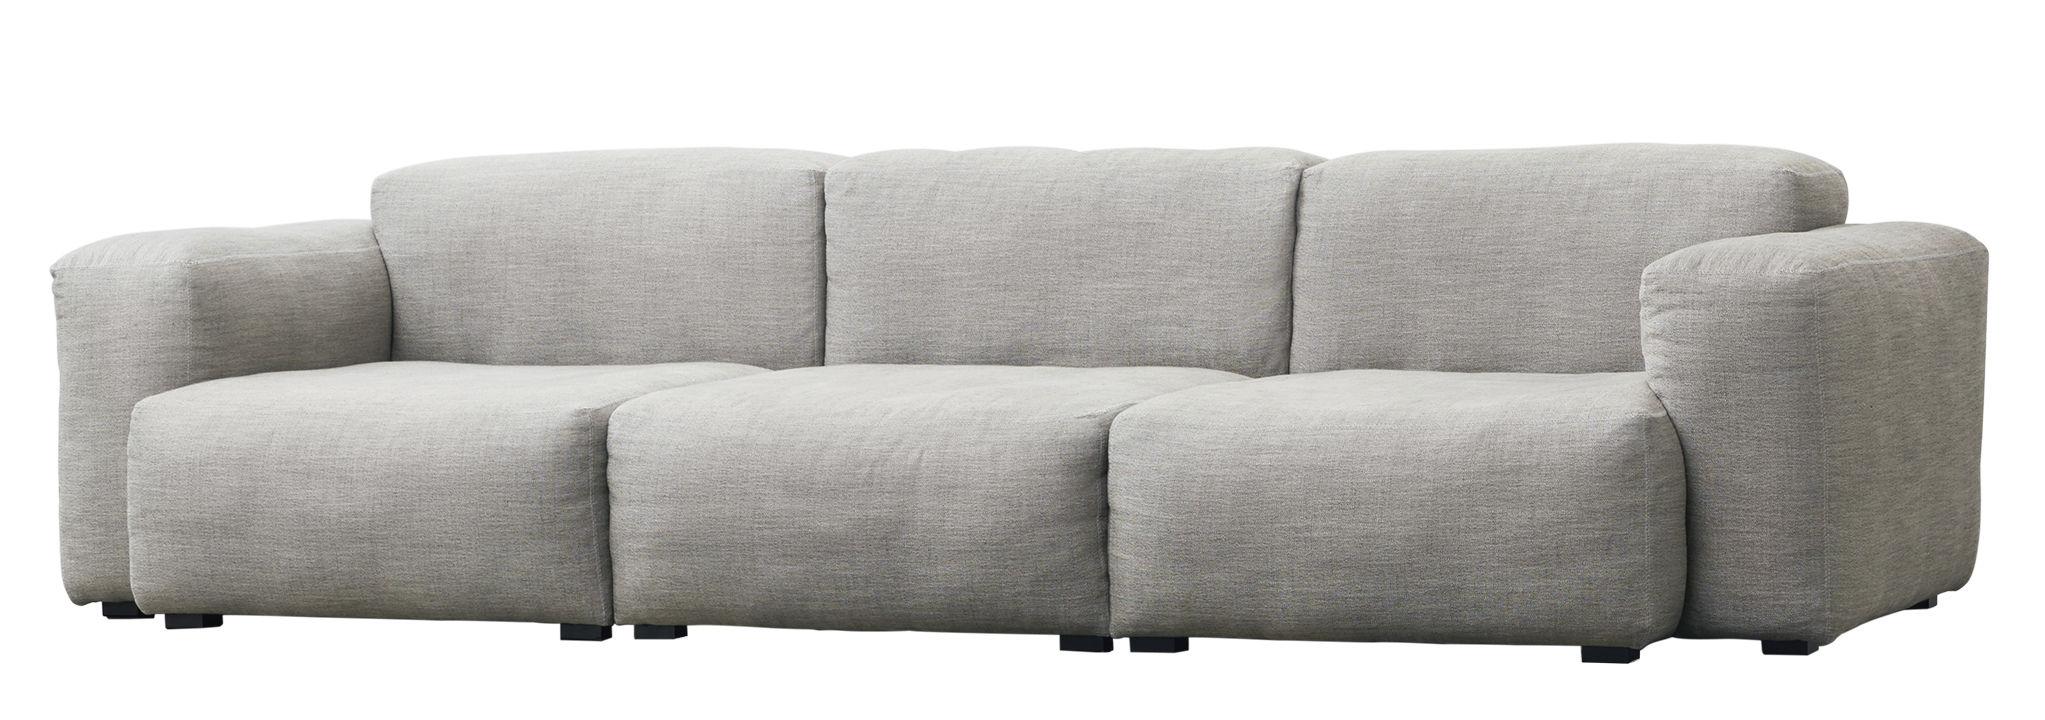 Mobilier - Canapés - Canapé droit Mags Soft 3 places / L 268 cm - Tissu Ruskin - Hay - Gris clair - Contrecollé de pin, Mousse polyuréthane, Pin teinté, Tissu Ruskin